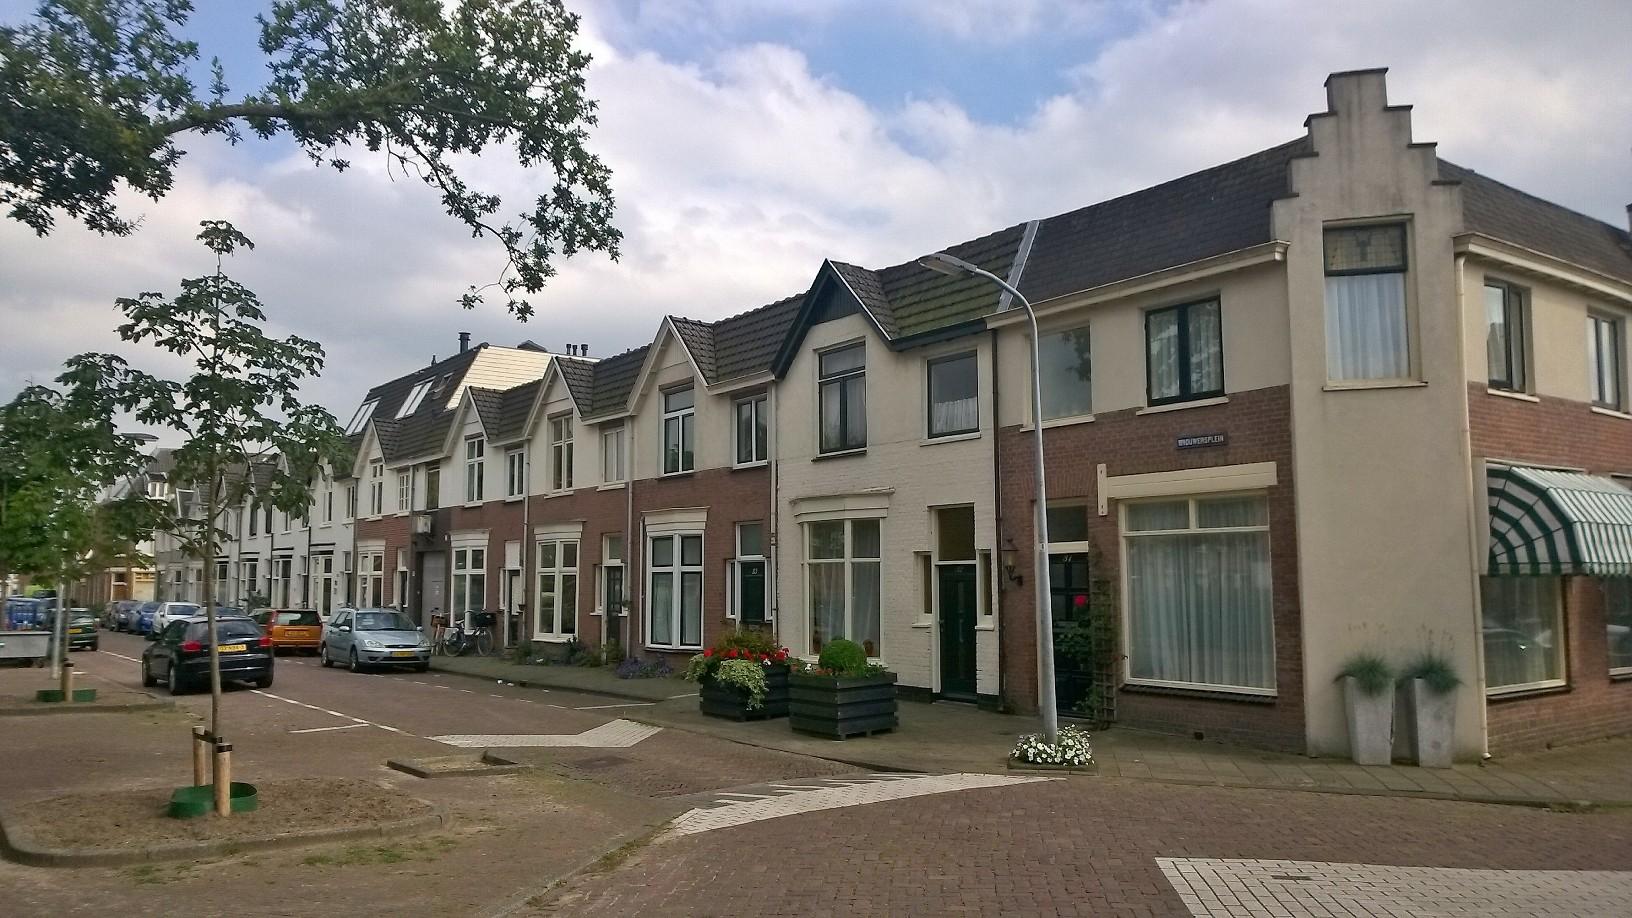 Brouwersplein, Haarlem